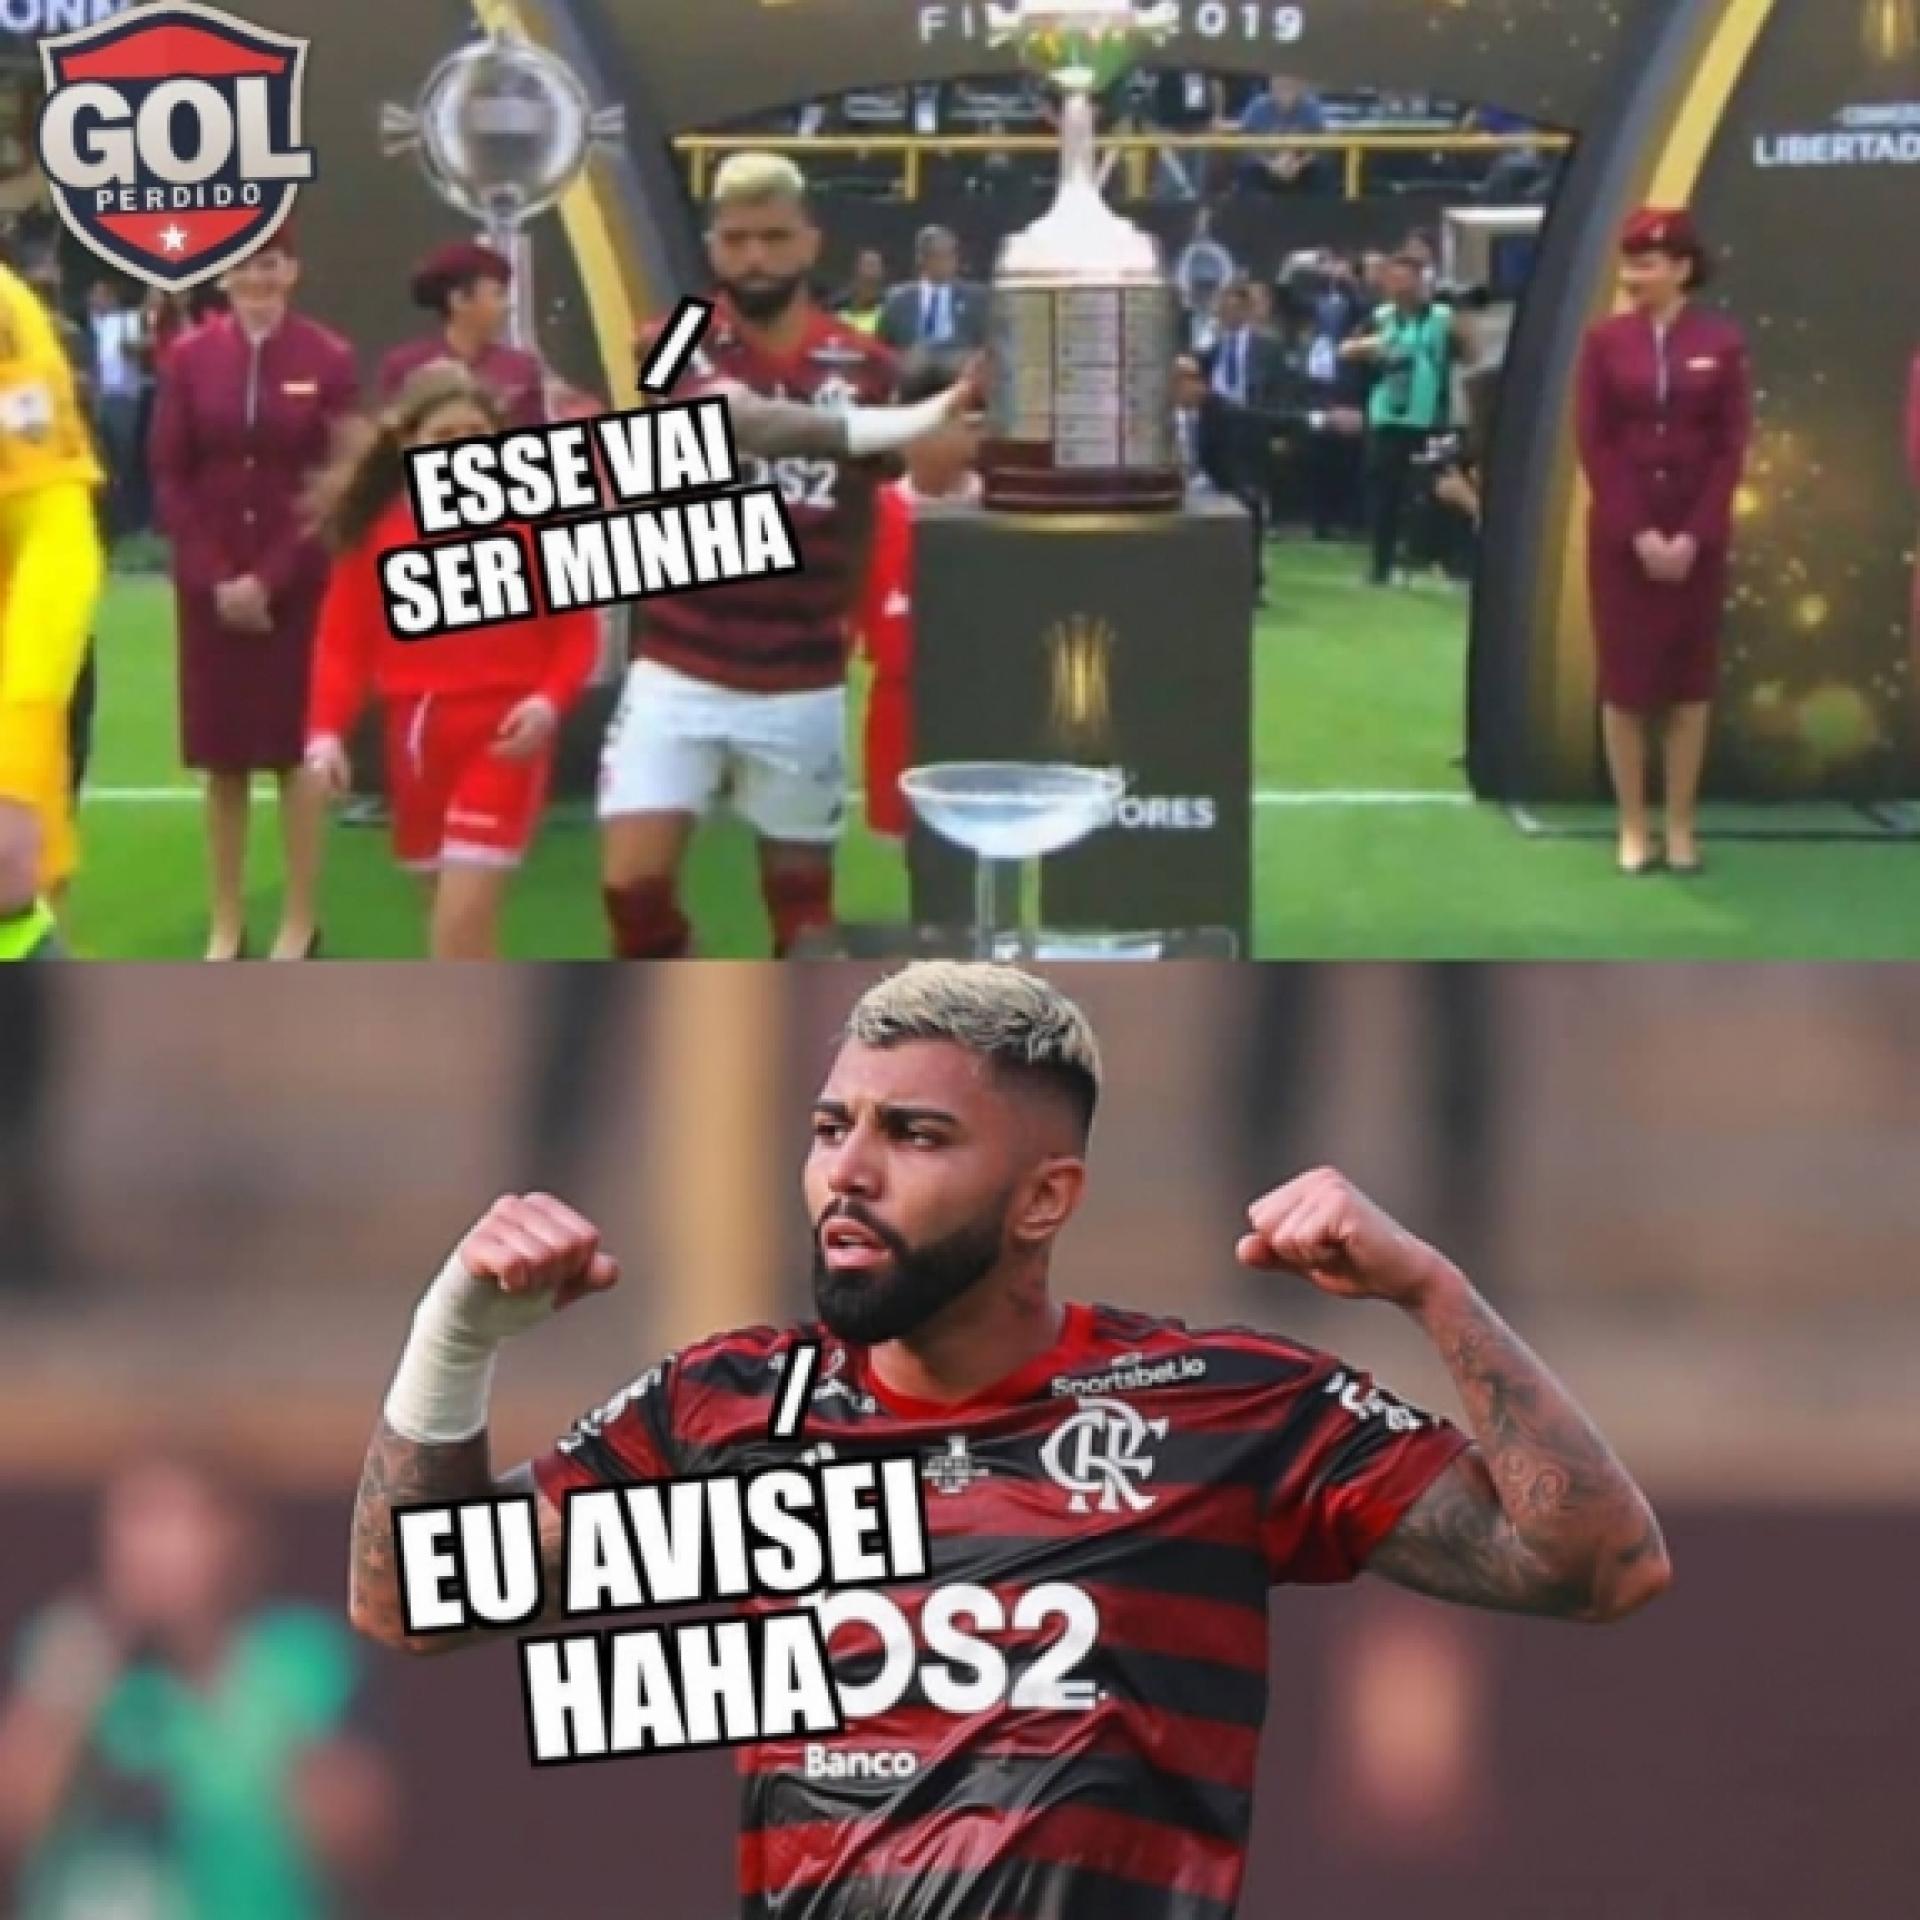 Torcida Do Flamengo Vai à Loucura Na Web Com Título Da